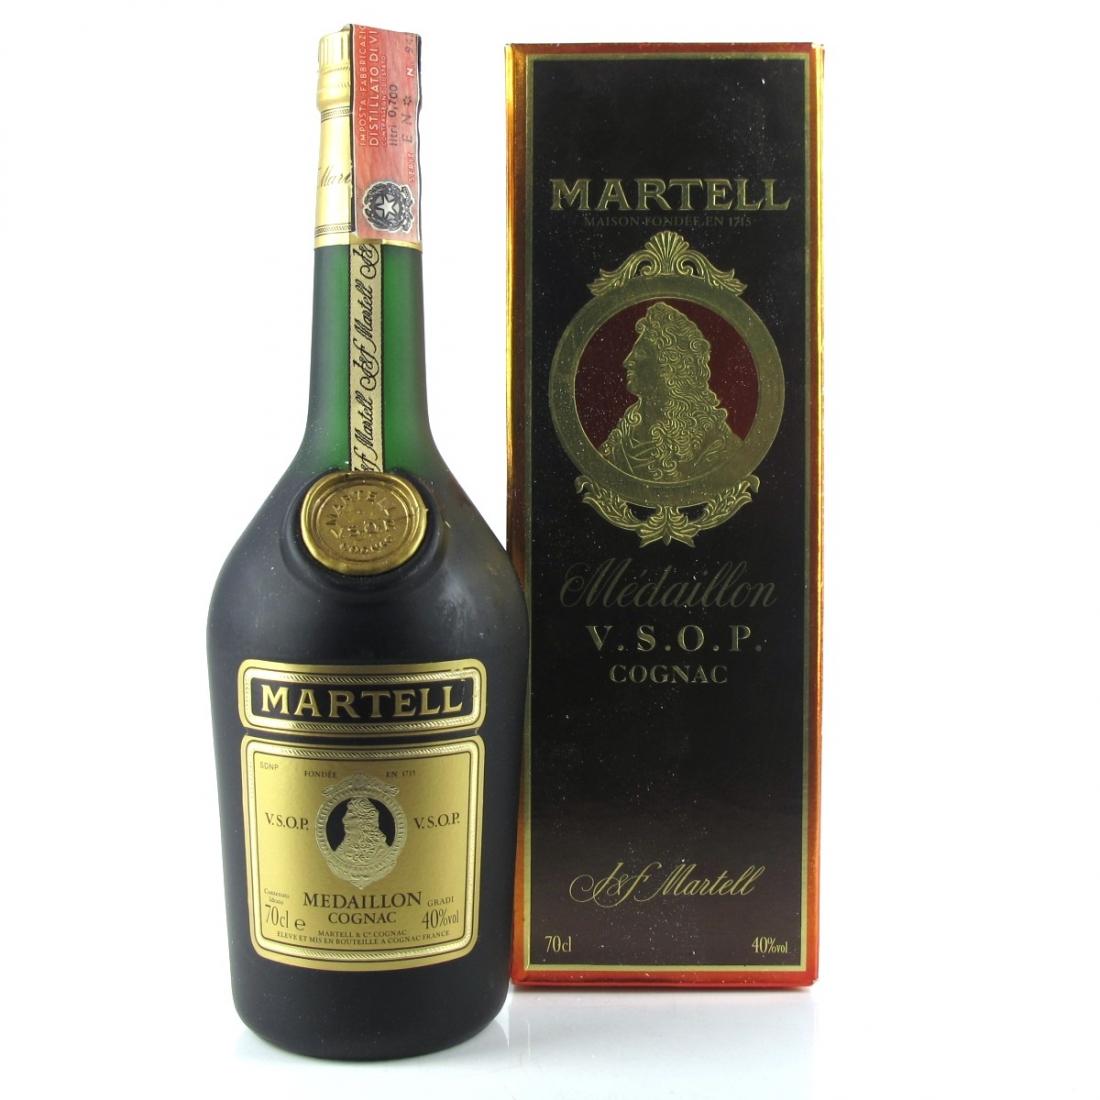 Martell Medaillon VSOP Cognac